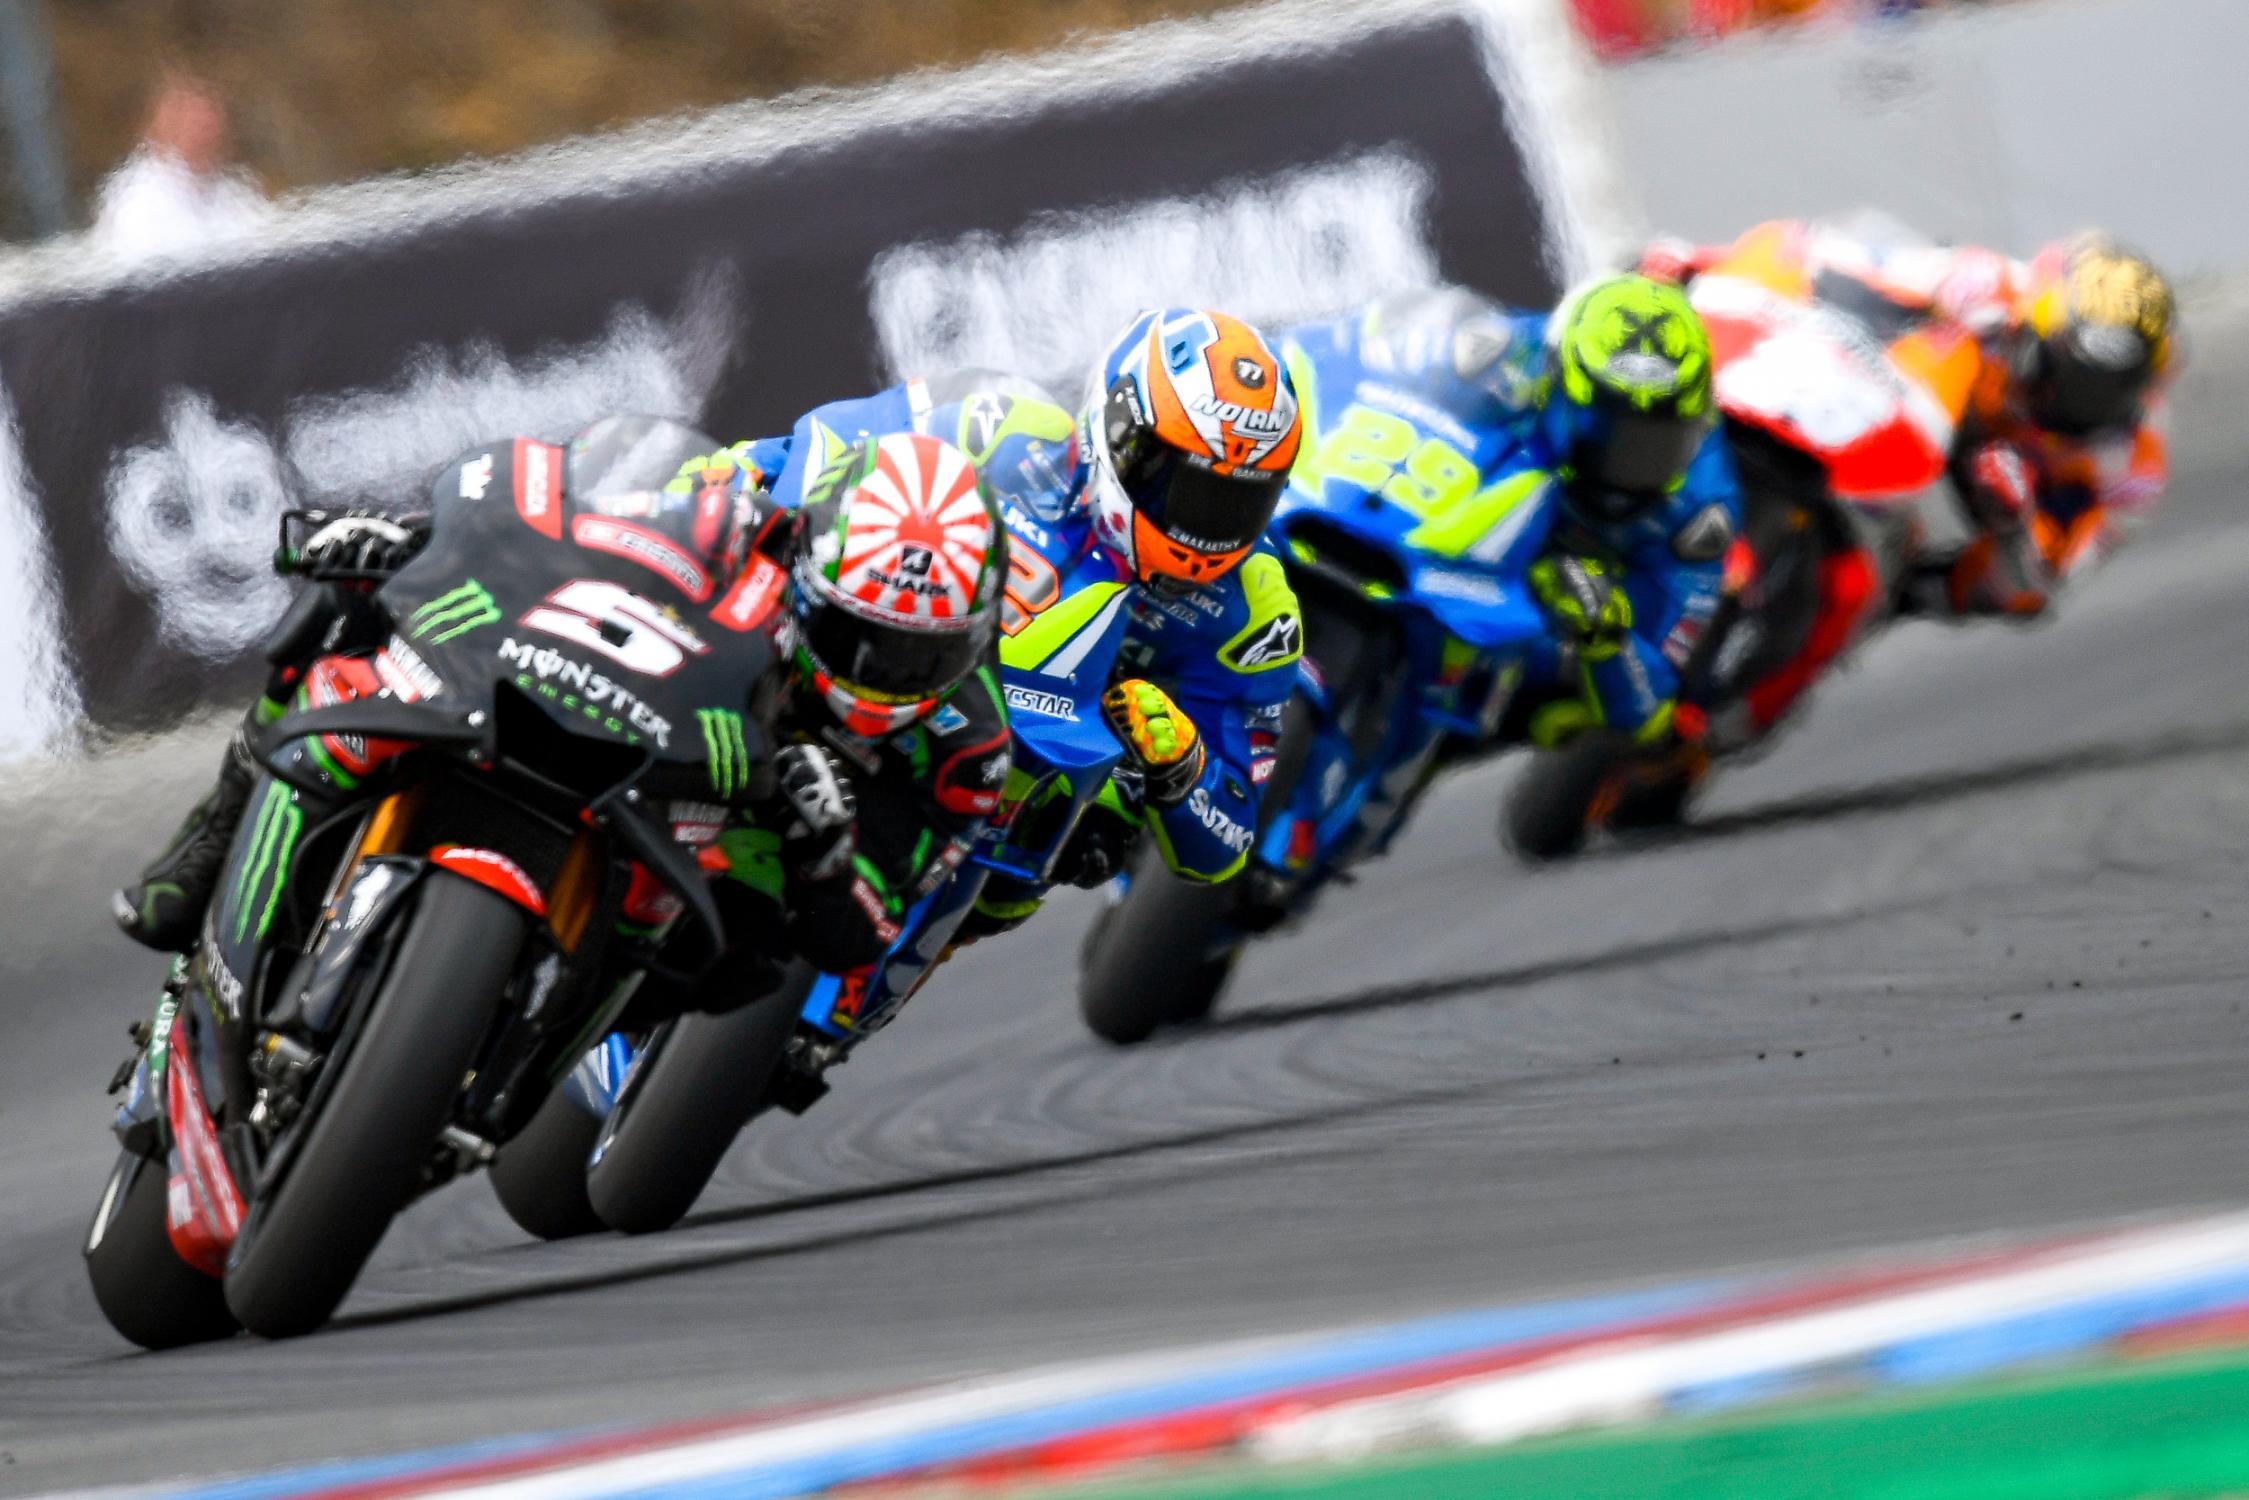 [GP] Brno 05-johann-zarco-fra_ds51738.gallery_full_top_fullscreen